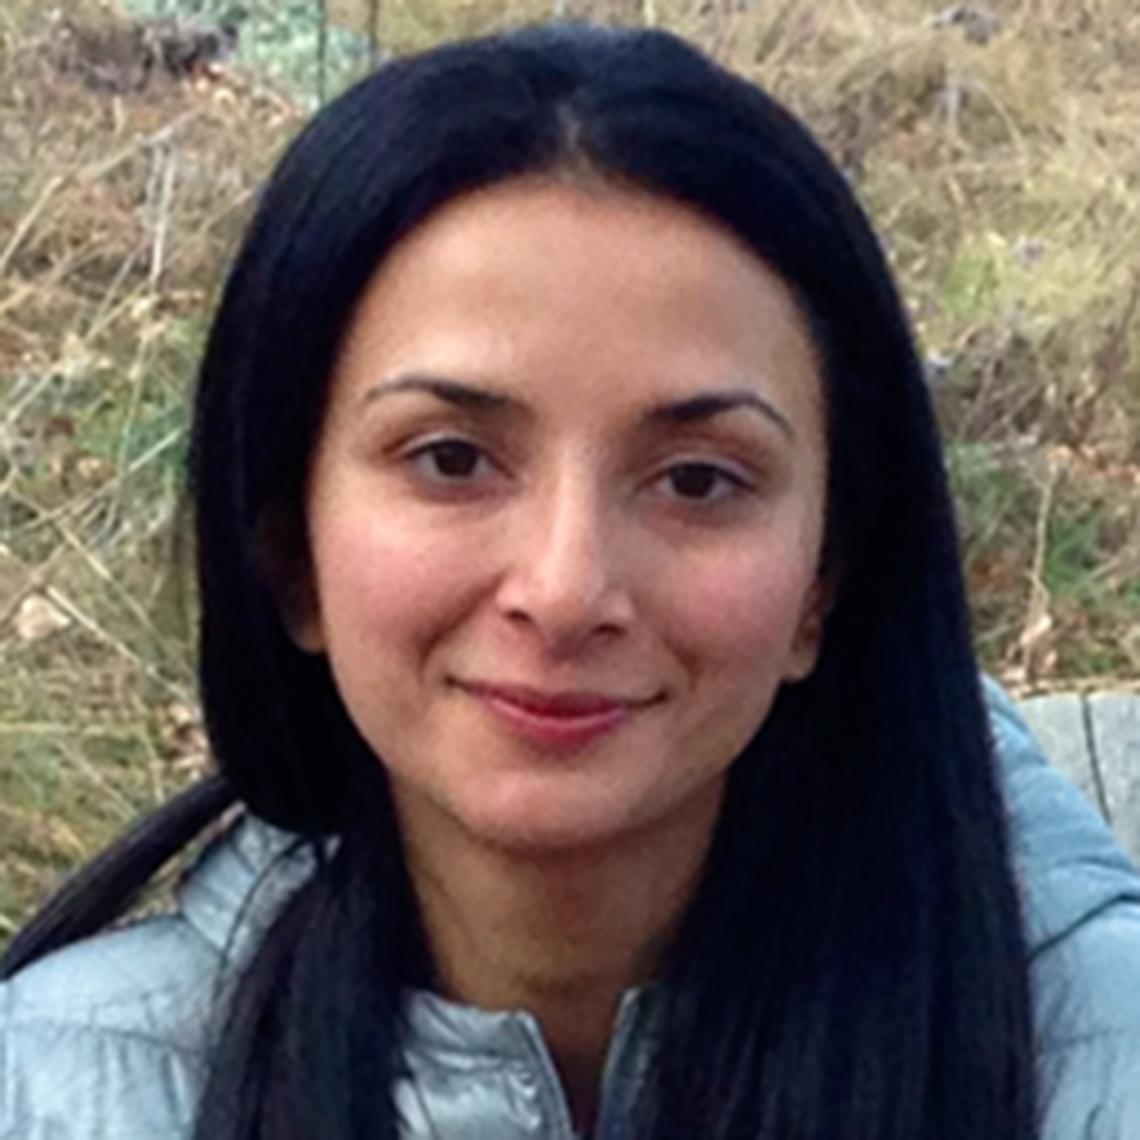 Attiya Ahmad